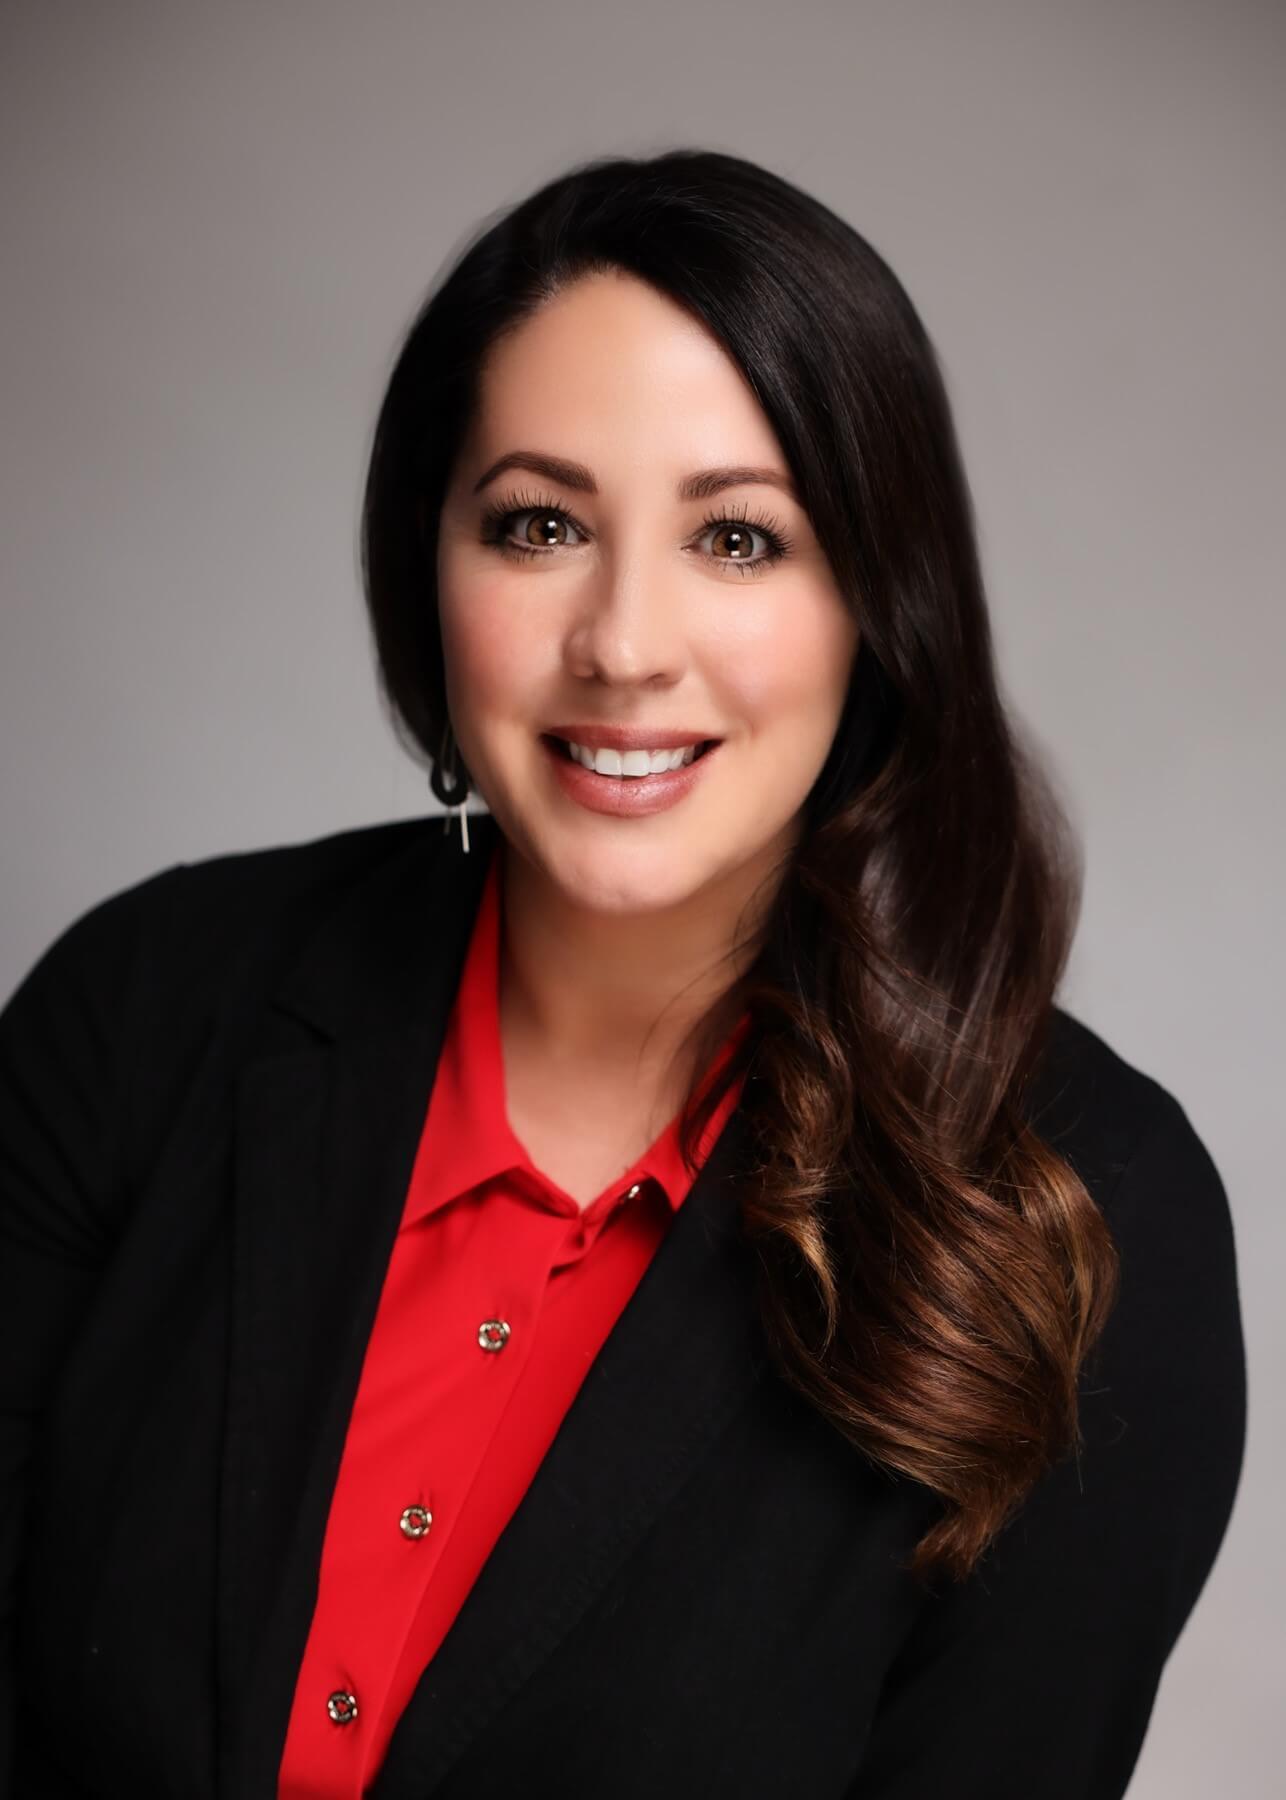 Tina Ogren